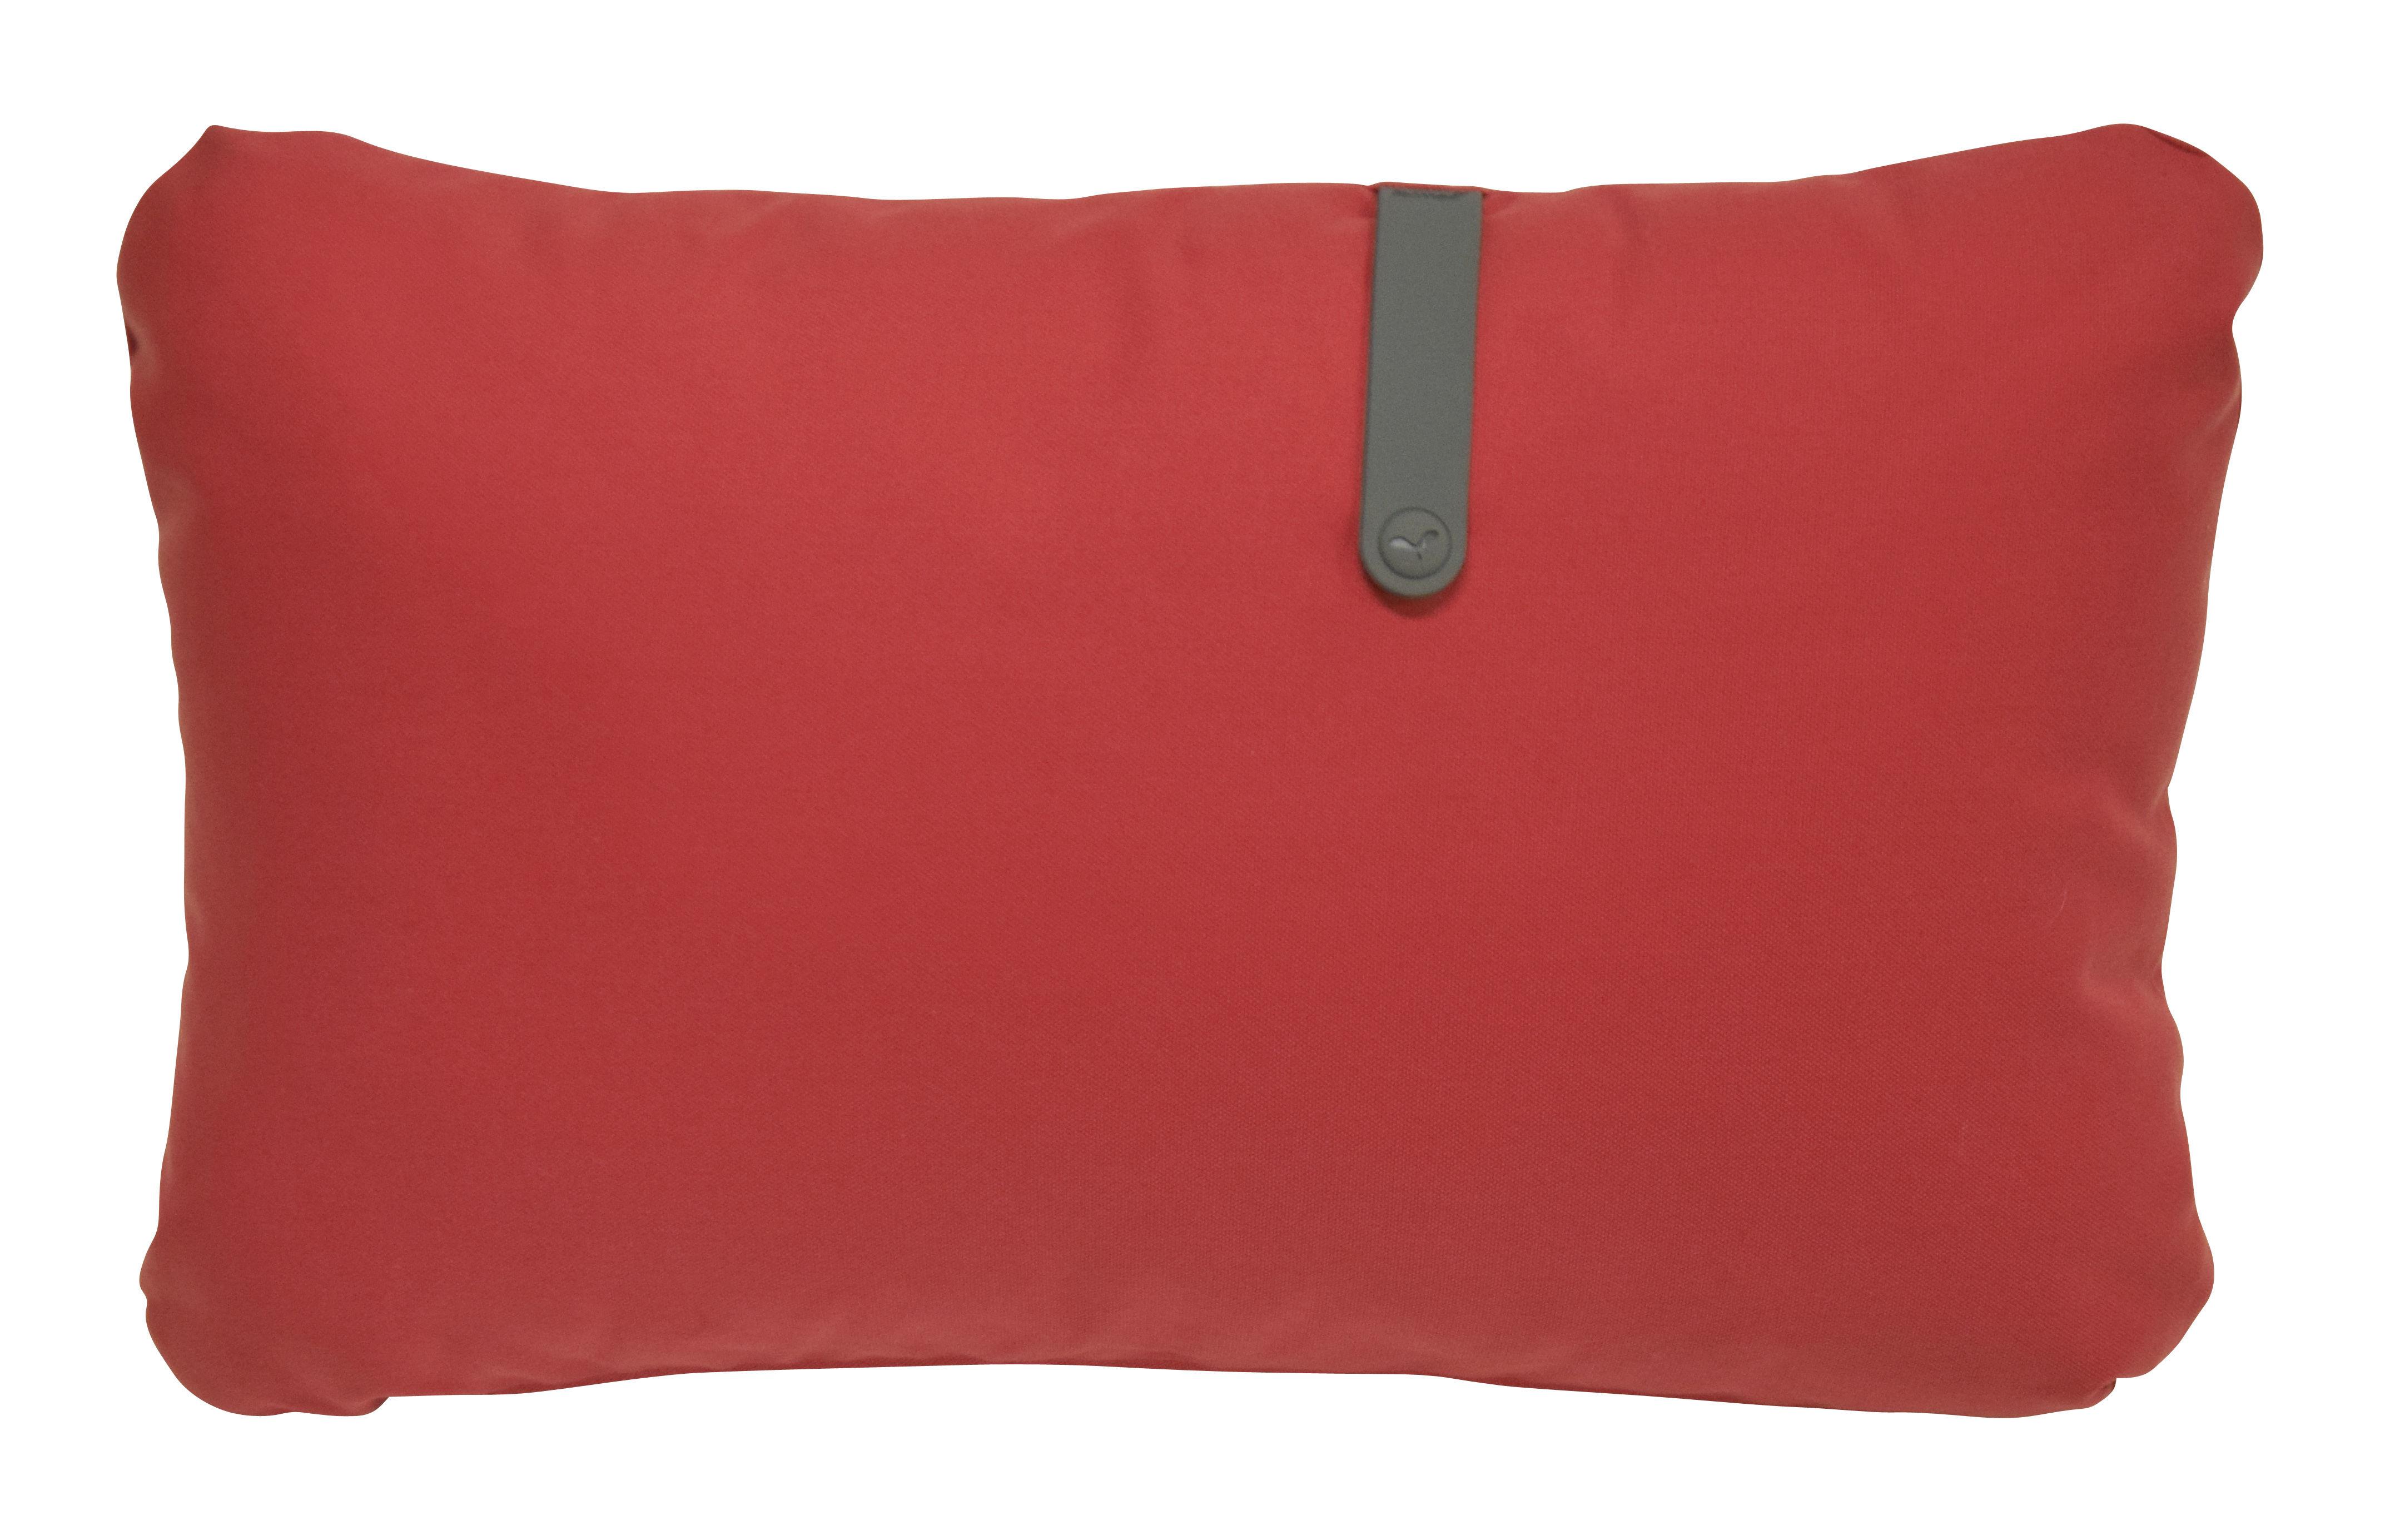 Déco - Coussins - Coussin d'extérieur Color Mix / 68 x 44 cm - Fermob - Rouge candy / Sangle romarin - Mousse, PVC, Tissu acrylique